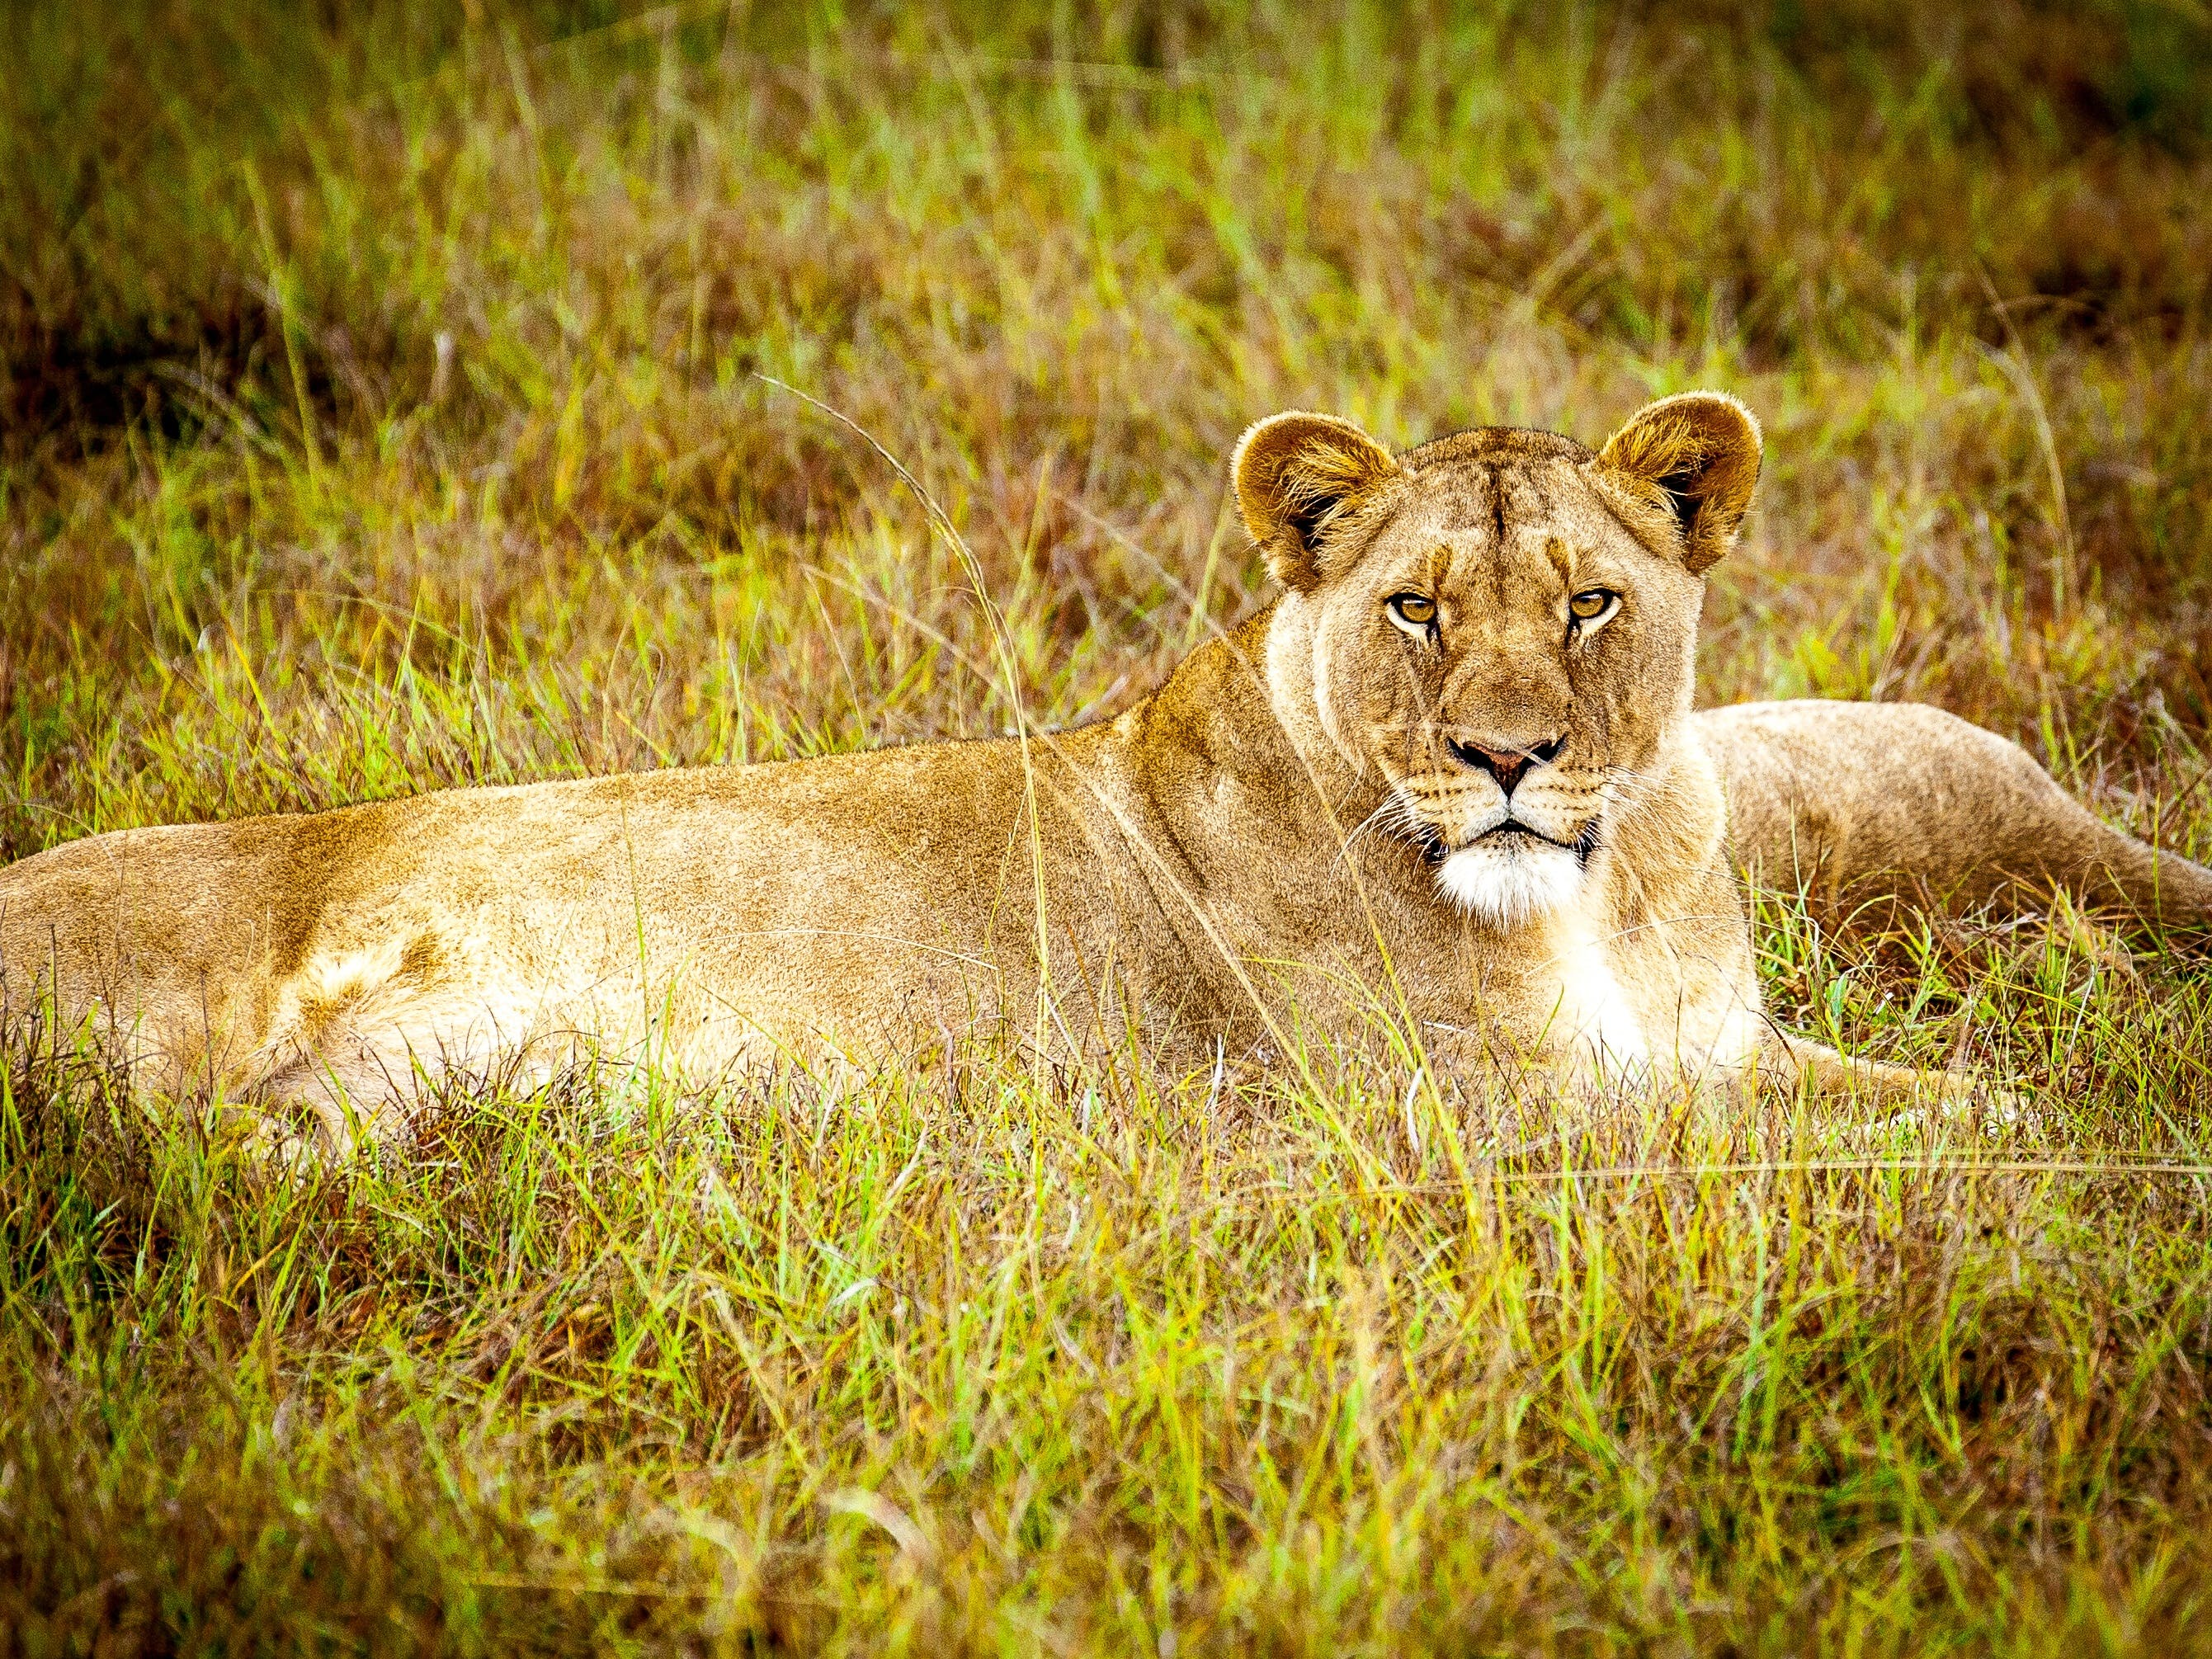 凝視, 動物, 動物攝影, 哺乳動物 的 免费素材照片